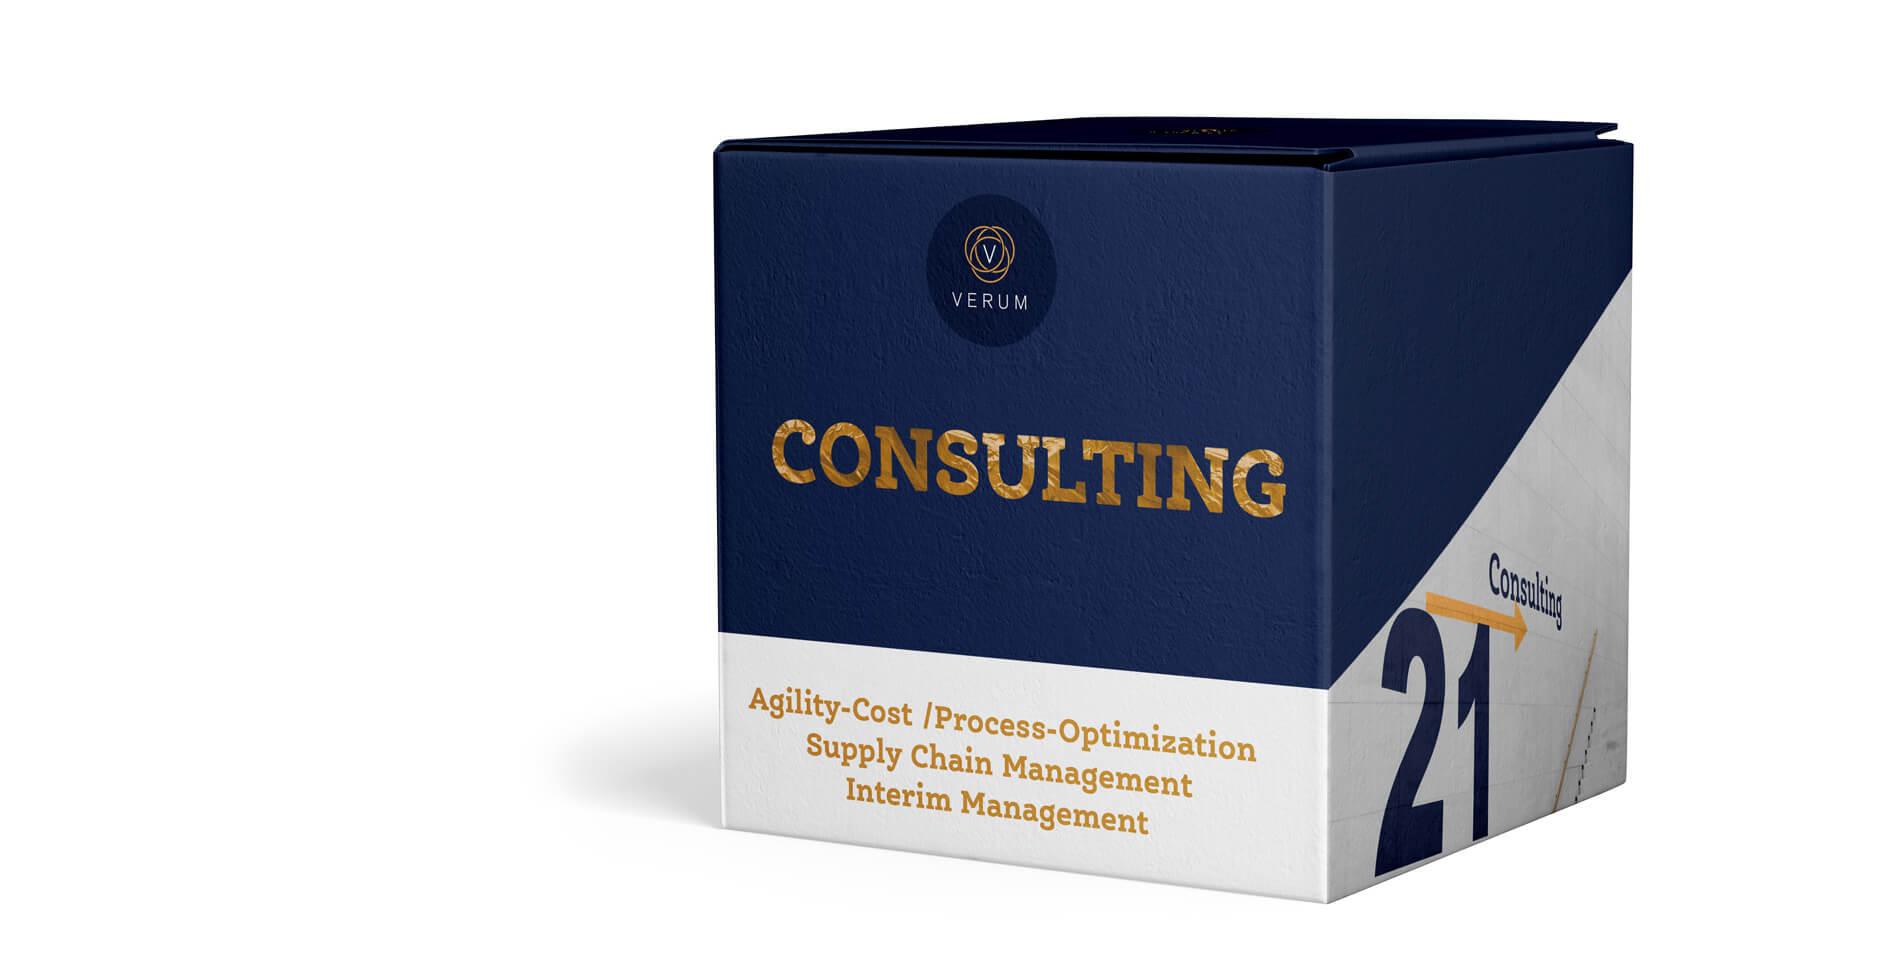 VERUM GmbH Consulting